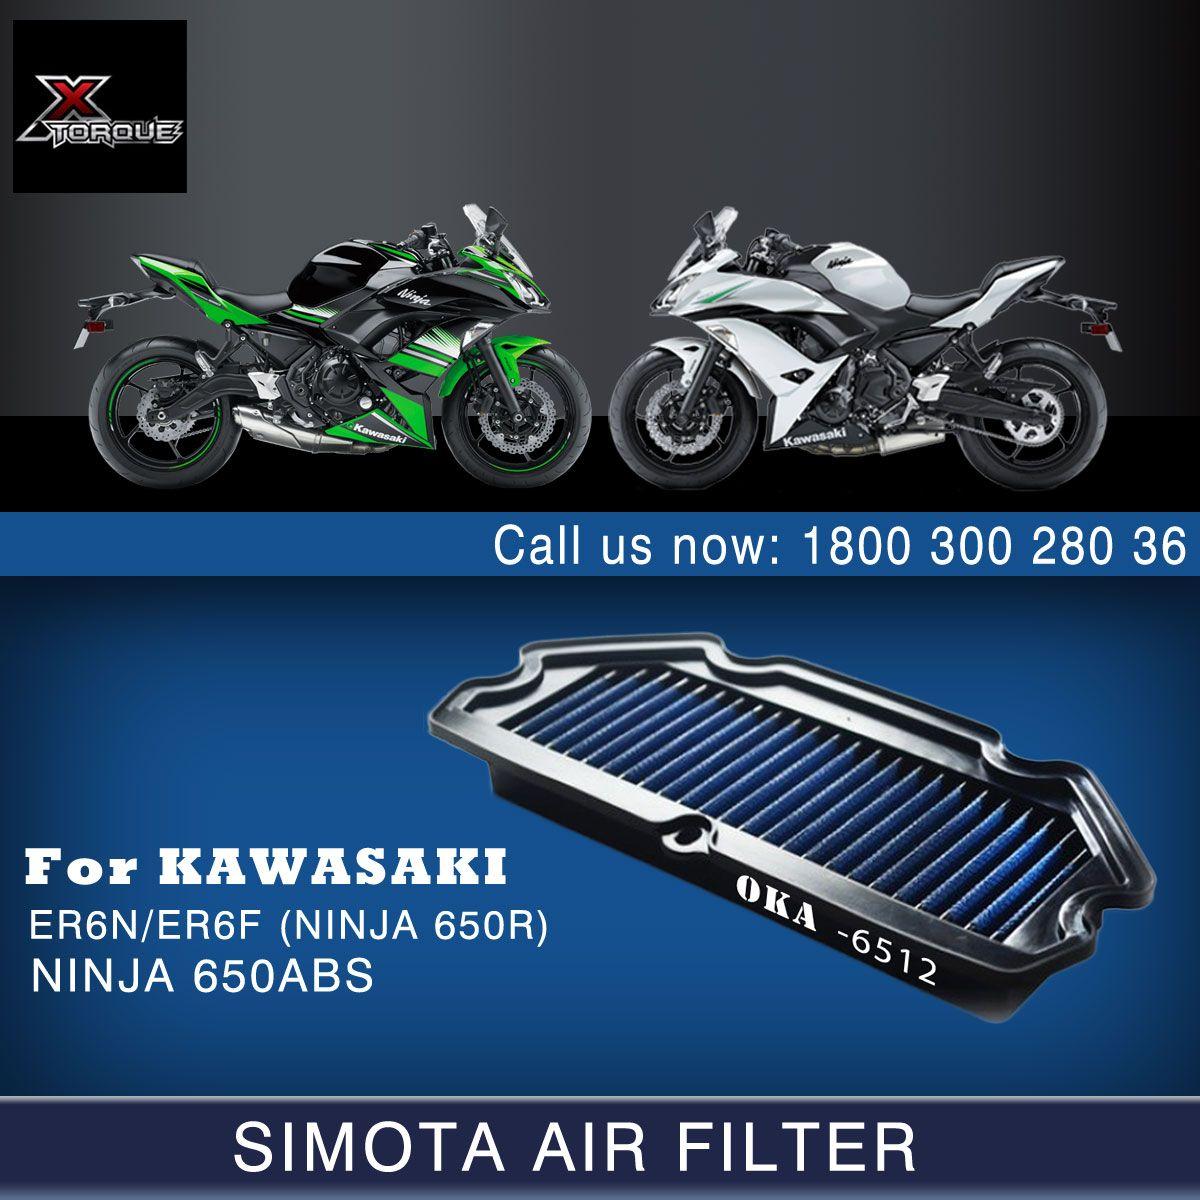 Simota Air Filters for Kawasaki OKA6512 ER6N/ER6F (NINJA